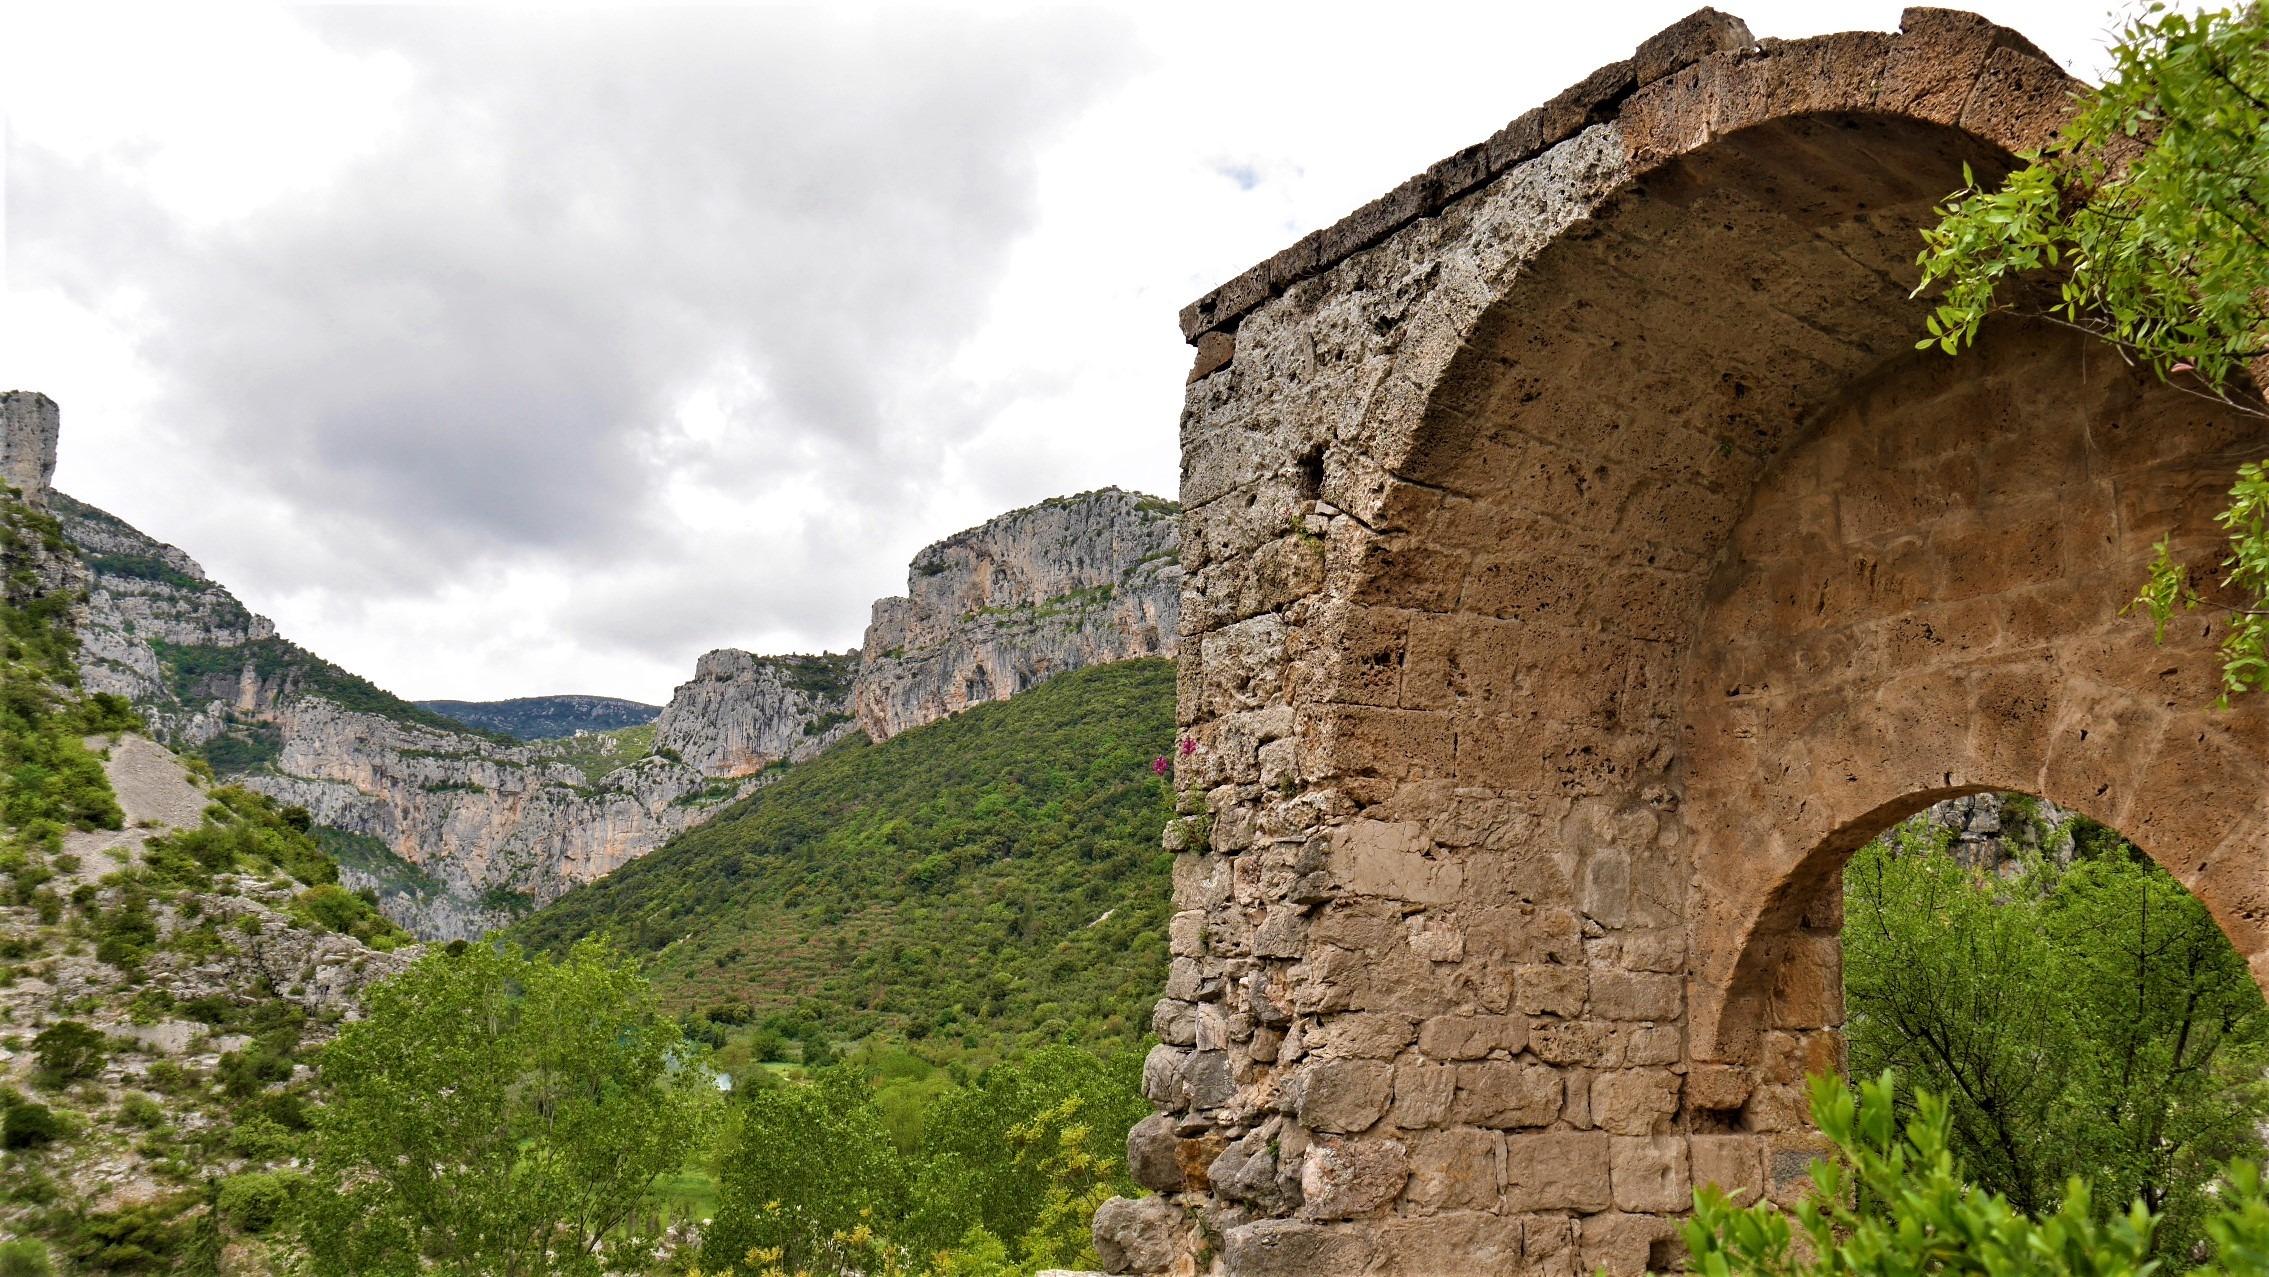 Saint Guilhem le desert cirque infernet rando chateau geant infos pratiques blog voyage france arpenter le chemin